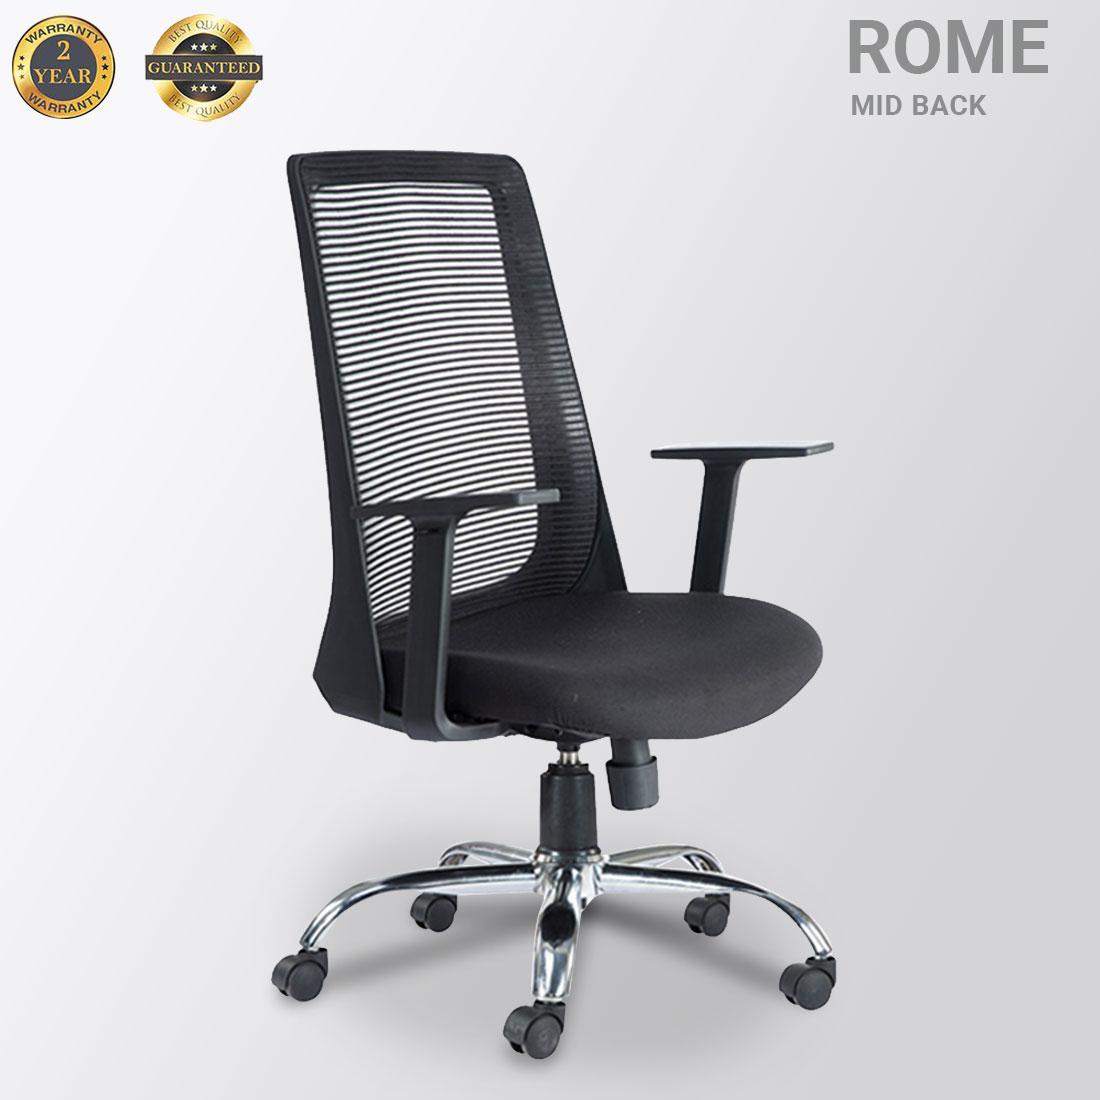 ROME MID BACK MESH BLACK